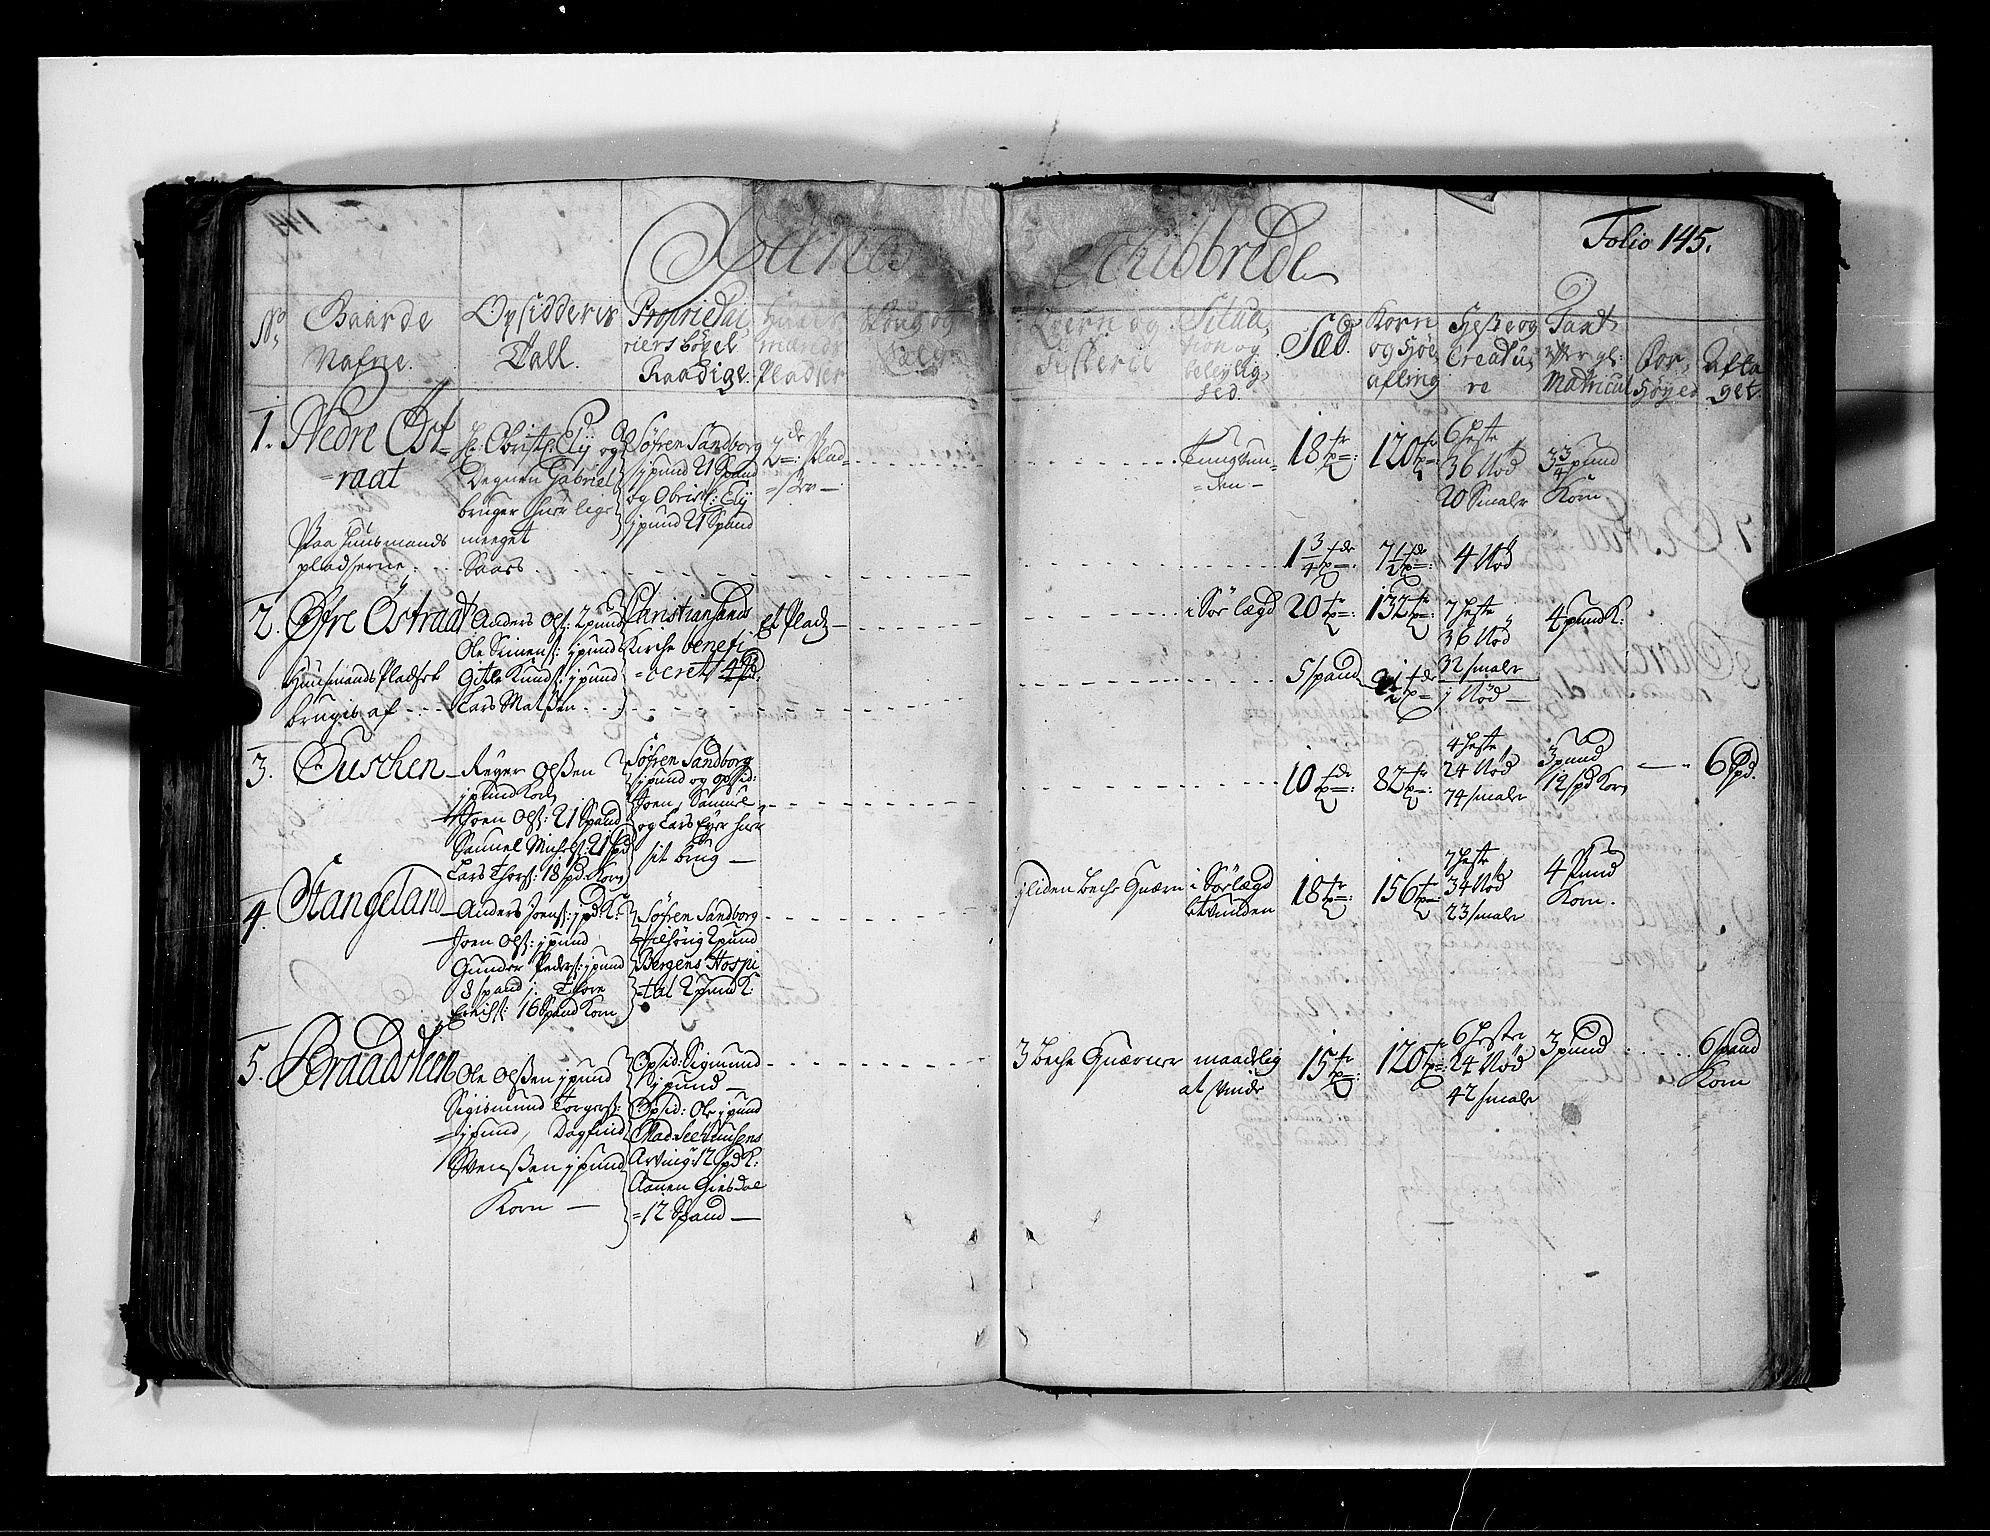 RA, Rentekammeret inntil 1814, Realistisk ordnet avdeling, N/Nb/Nbf/L0131: Jæren og Dalane eksaminasjonsprotokoll, 1723, s. 144b-145a